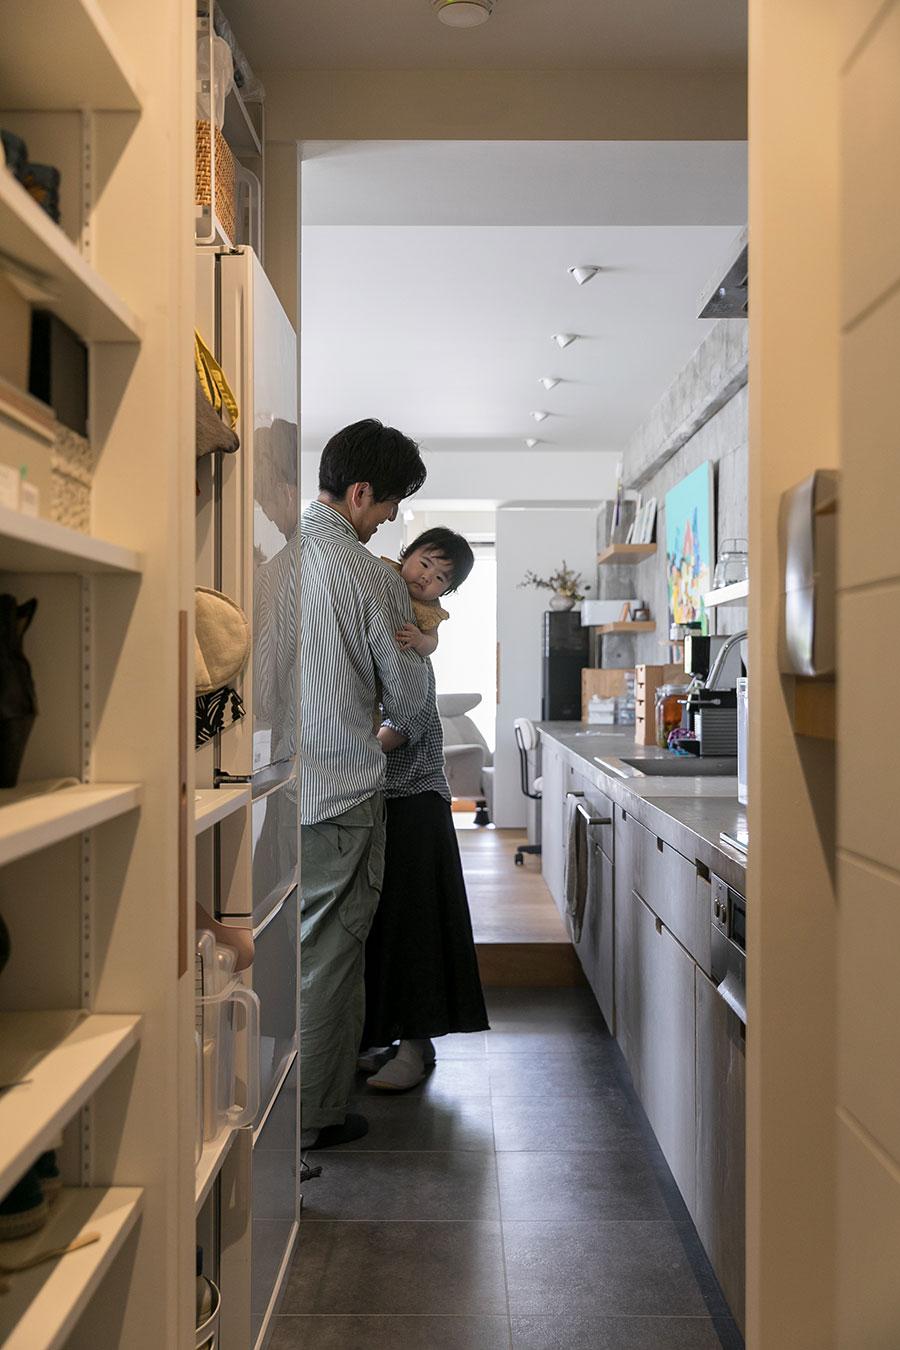 廊下からキッチンに直接入れる別動線を確保。萠衣ちゃんがお見送りしてくれました。ご協力ありがとうございました!